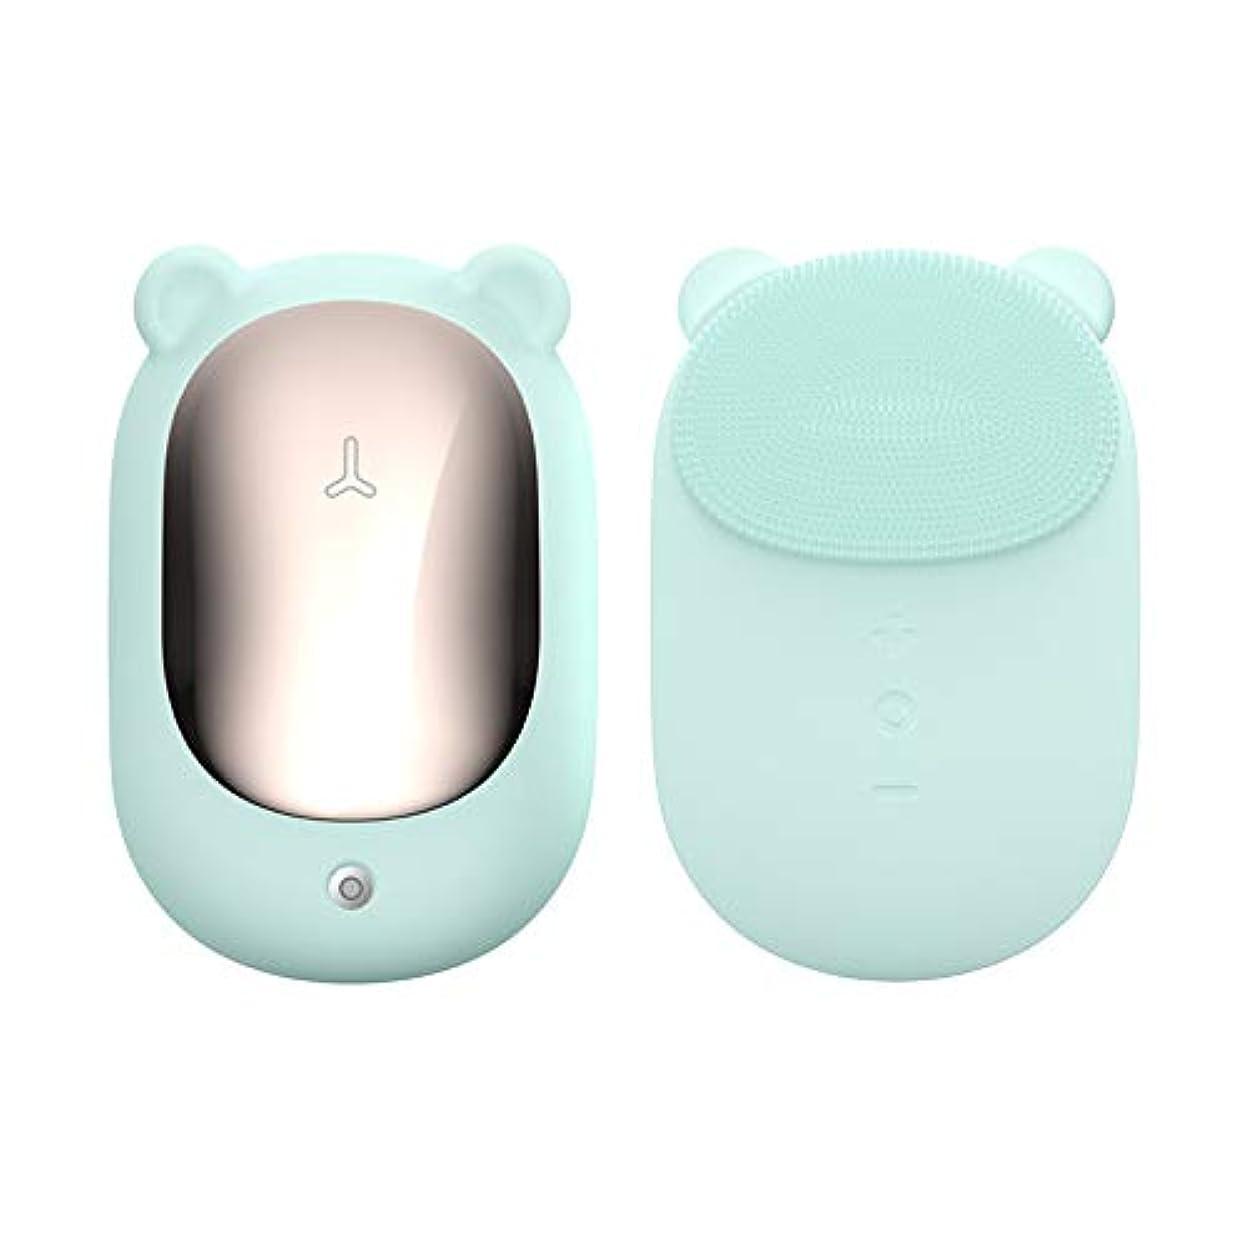 電気シリコーンの顔の清潔になるブラシ、携帯用表面ブラシのマッサージャーの皮の清潔になる再充電可能な防水深い清潔になること,グリーン